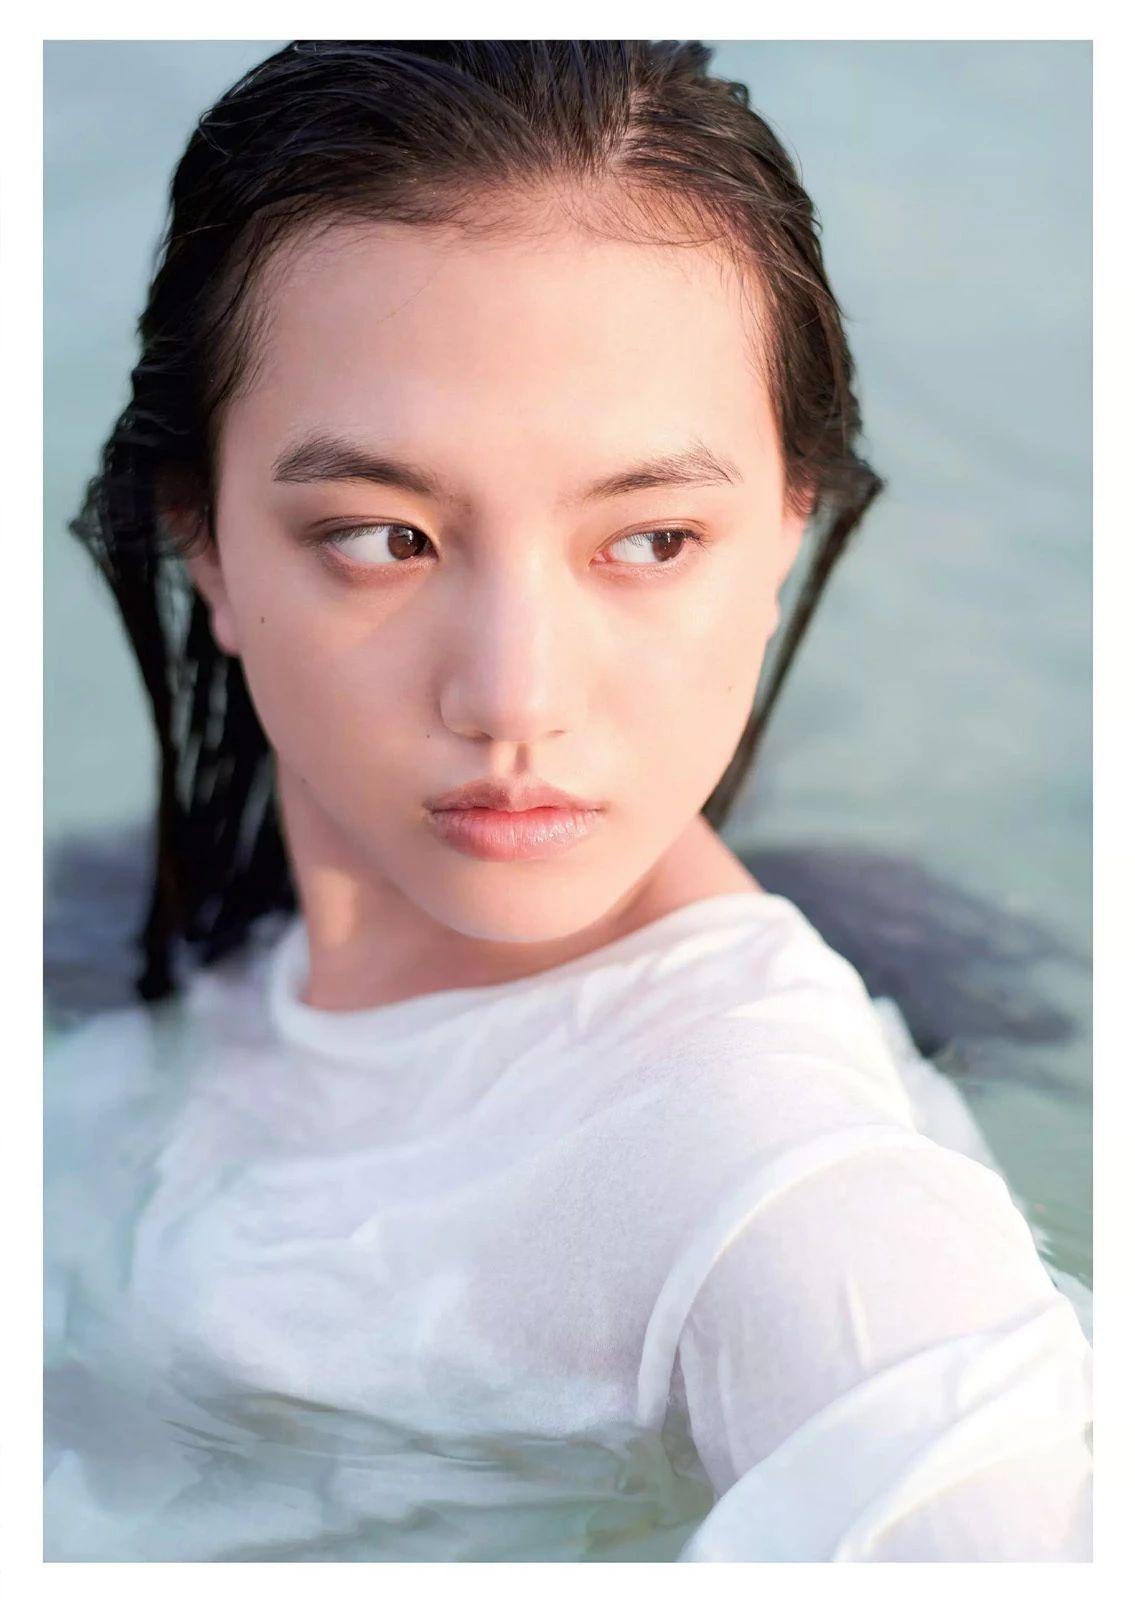 唇红齿白甜美微笑的清原果耶写真作品 (19)